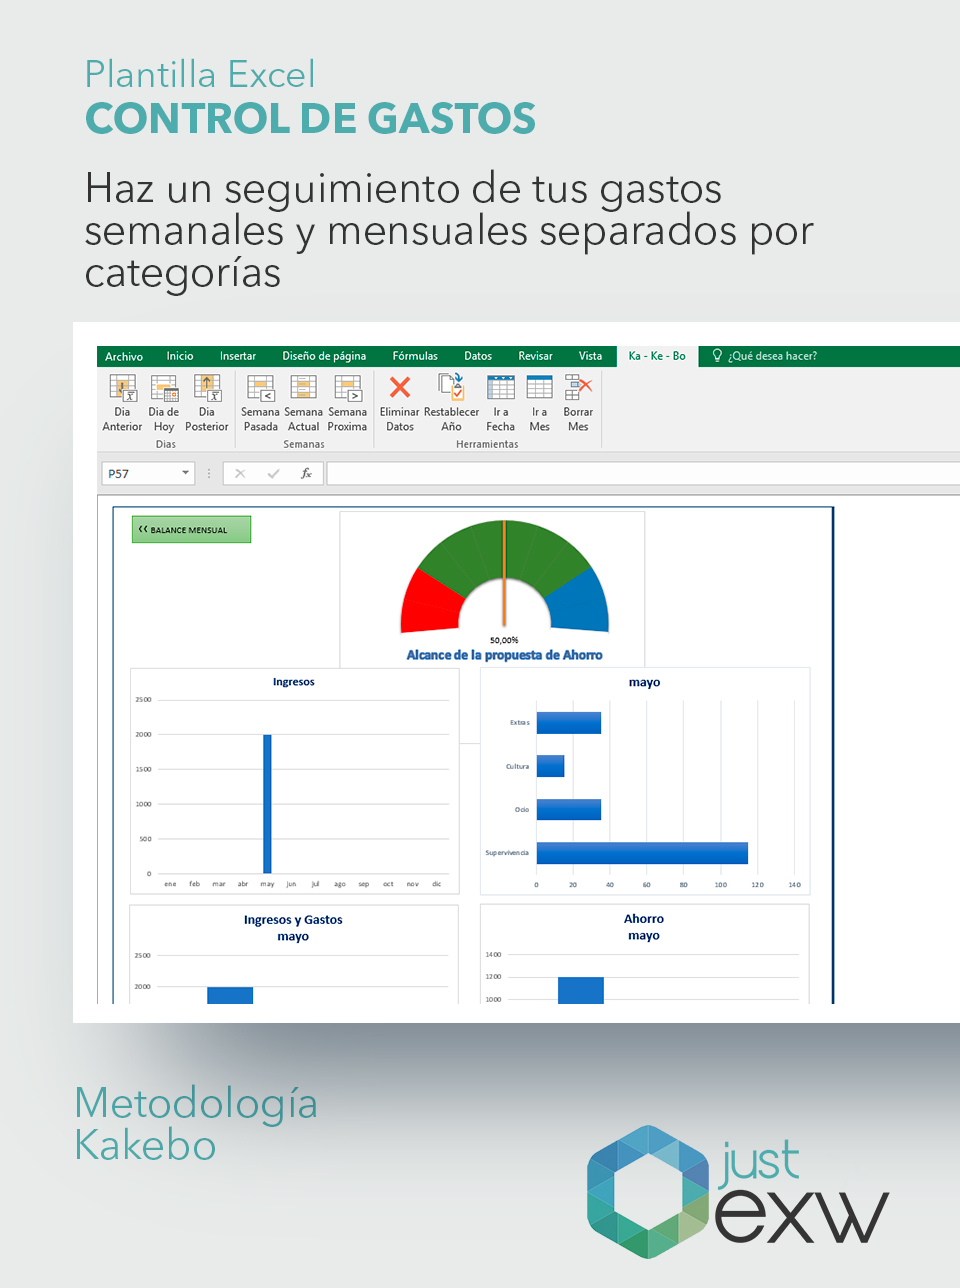 Plantilla Excel Control gastos ingresos economía doméstica | Just EXW